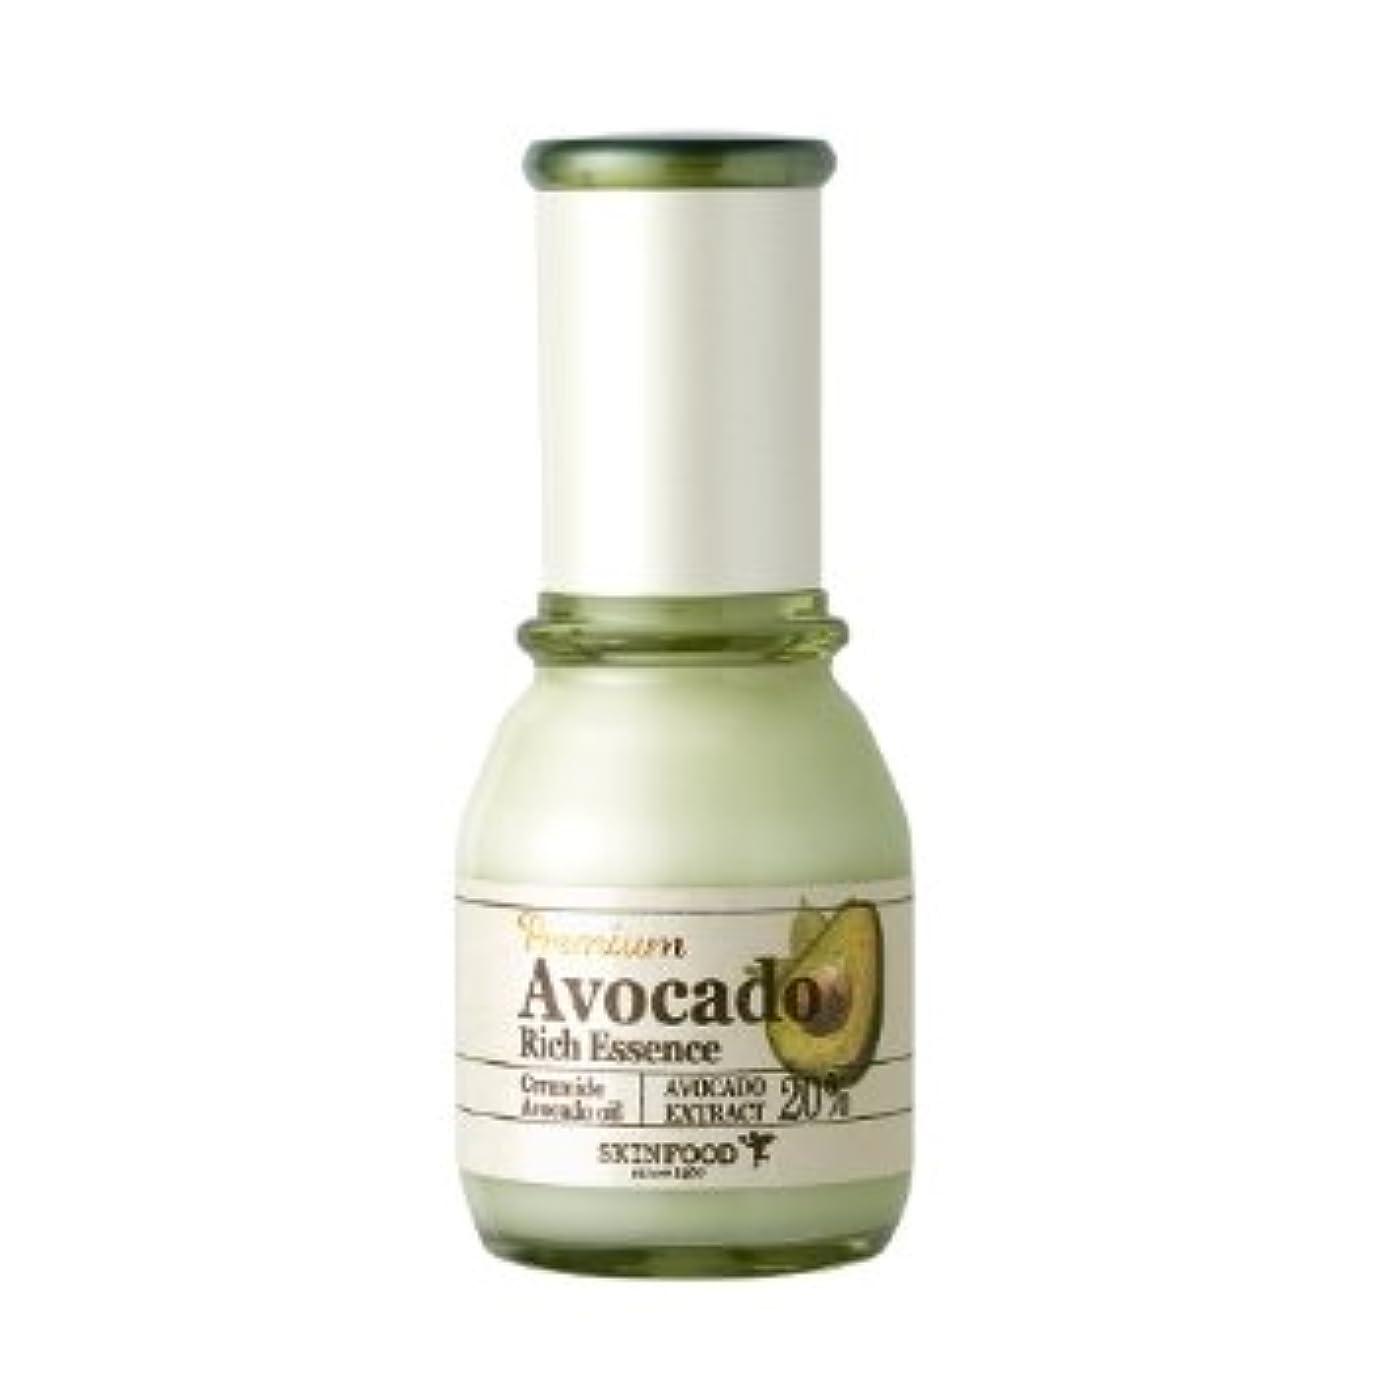 ギャラリー謝罪する実質的スキンフード [Skin Food] プレミアム アボカド リーチ エッセンス 50ml / Premium Avocado Rich Essence 海外直送品